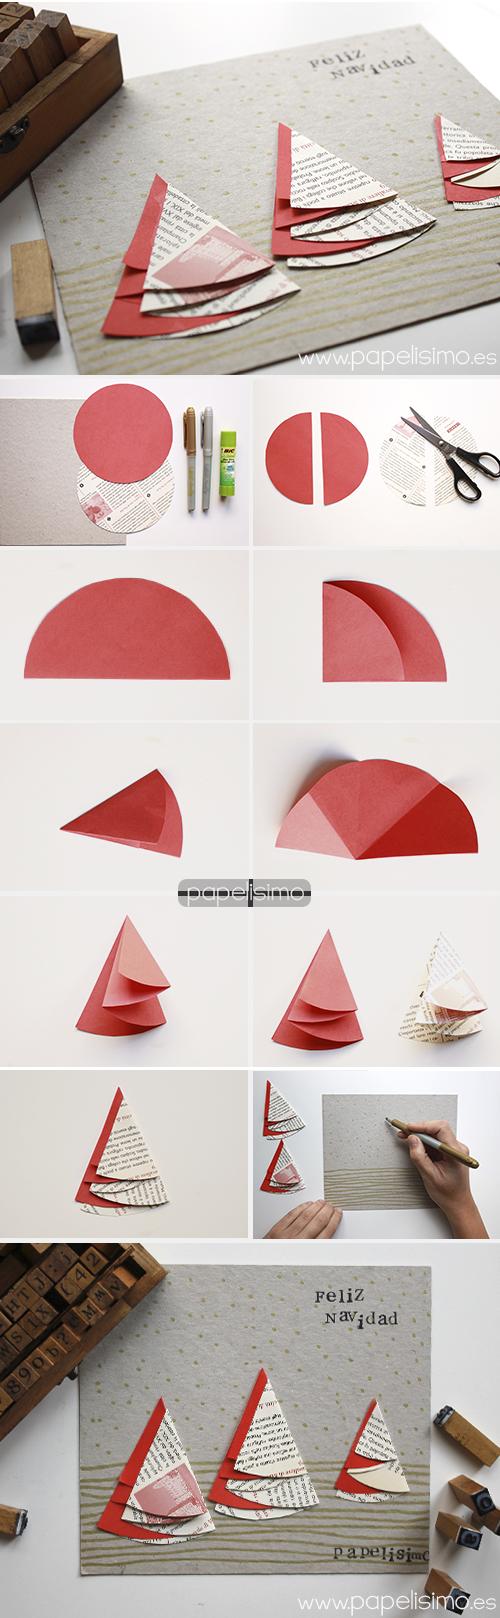 tarjetas-de-navidad-hechas-a-mano-originales-arboles-de-papel-reciclado-scrapbooking-navideno